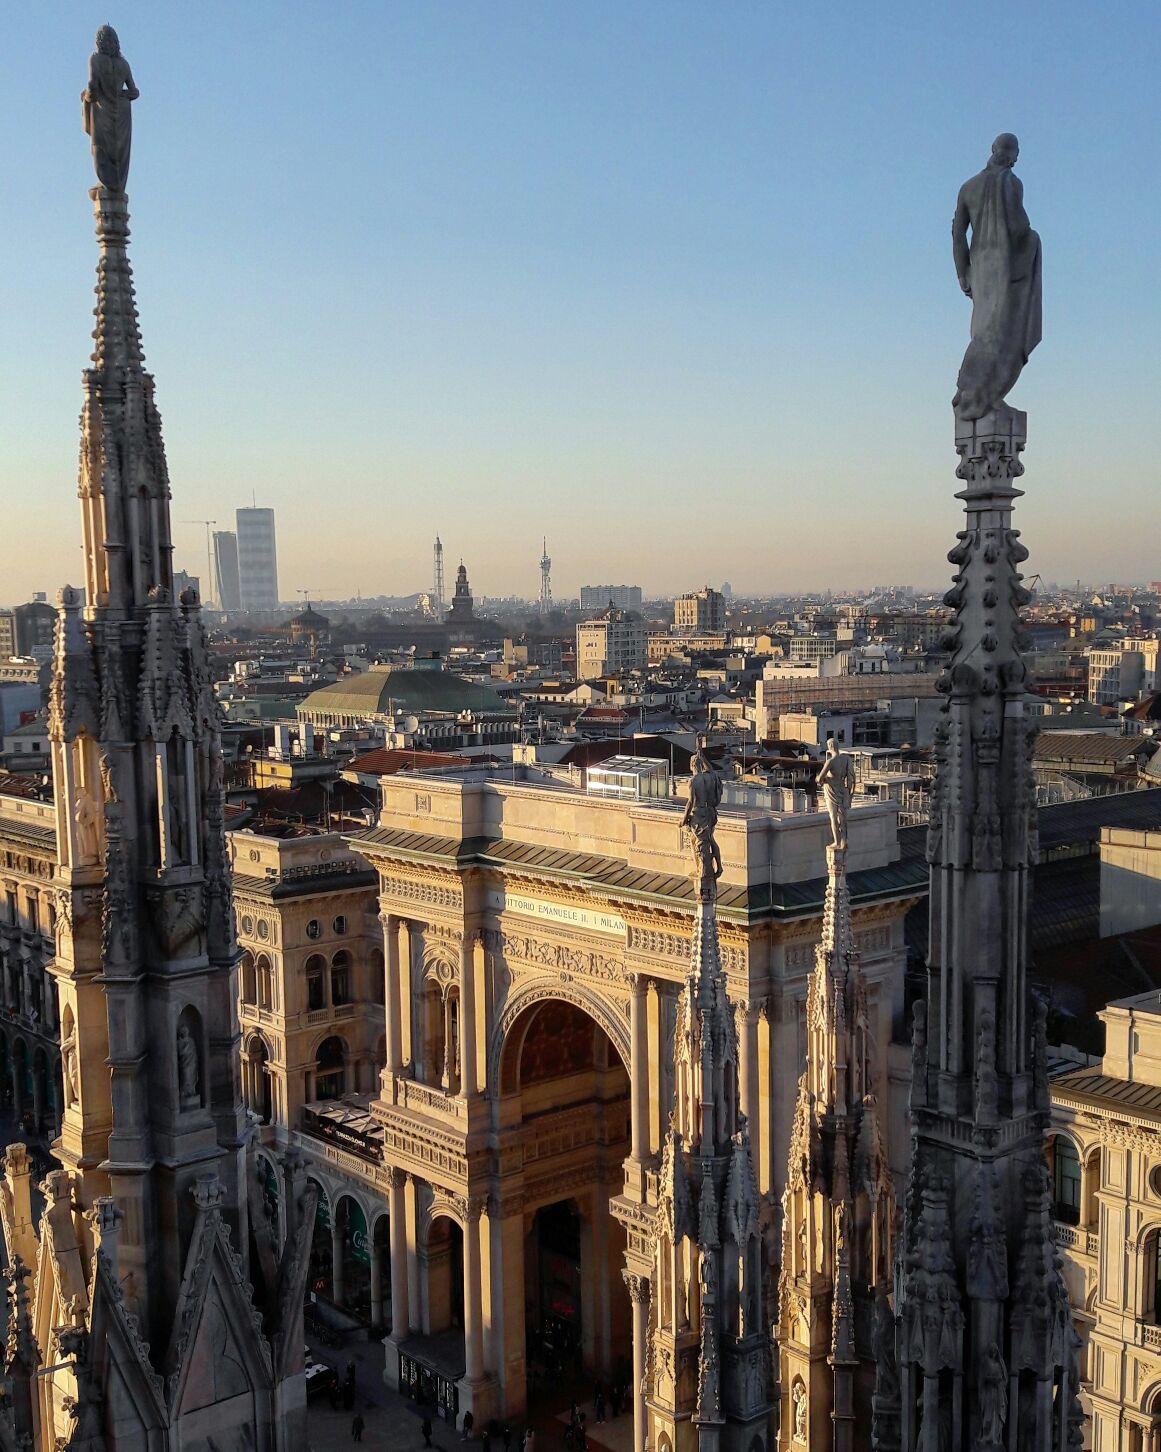 на галерею Витторио Эмануила - Взгляд на Милан в фотообъектив от Арины Карабановой